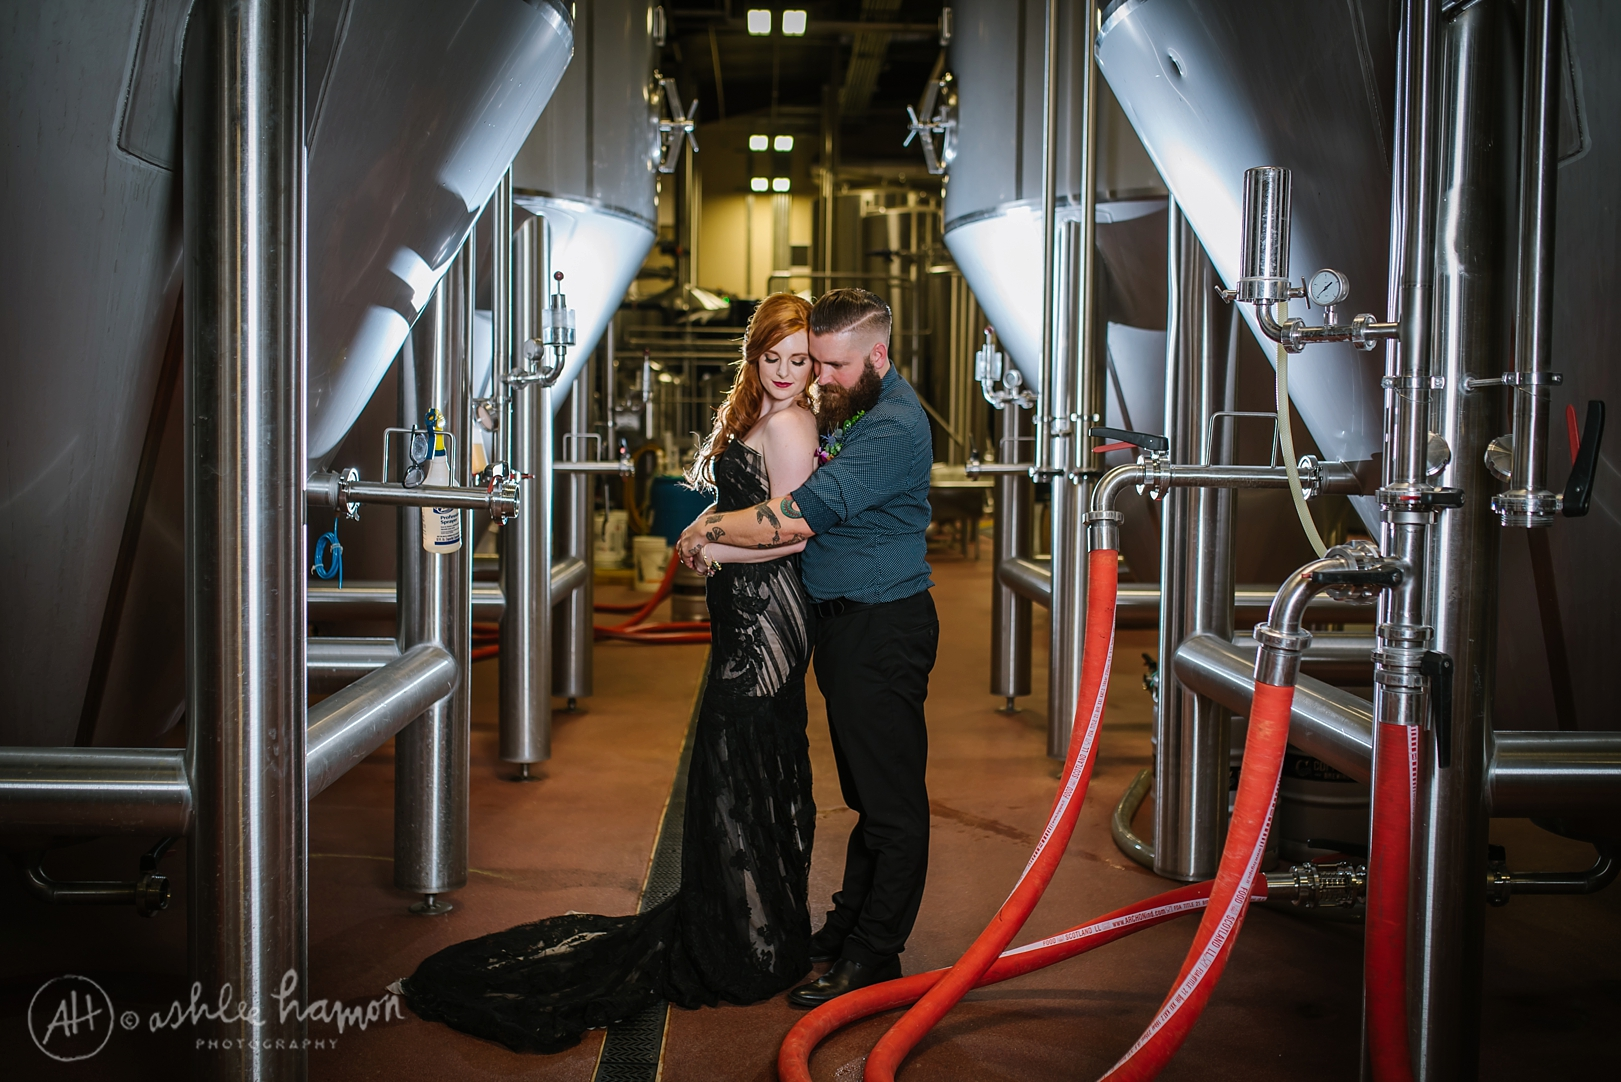 blue-nautical-brewery-unique-wedding-inspiration-photography-ashlee-hamon_0026.jpg